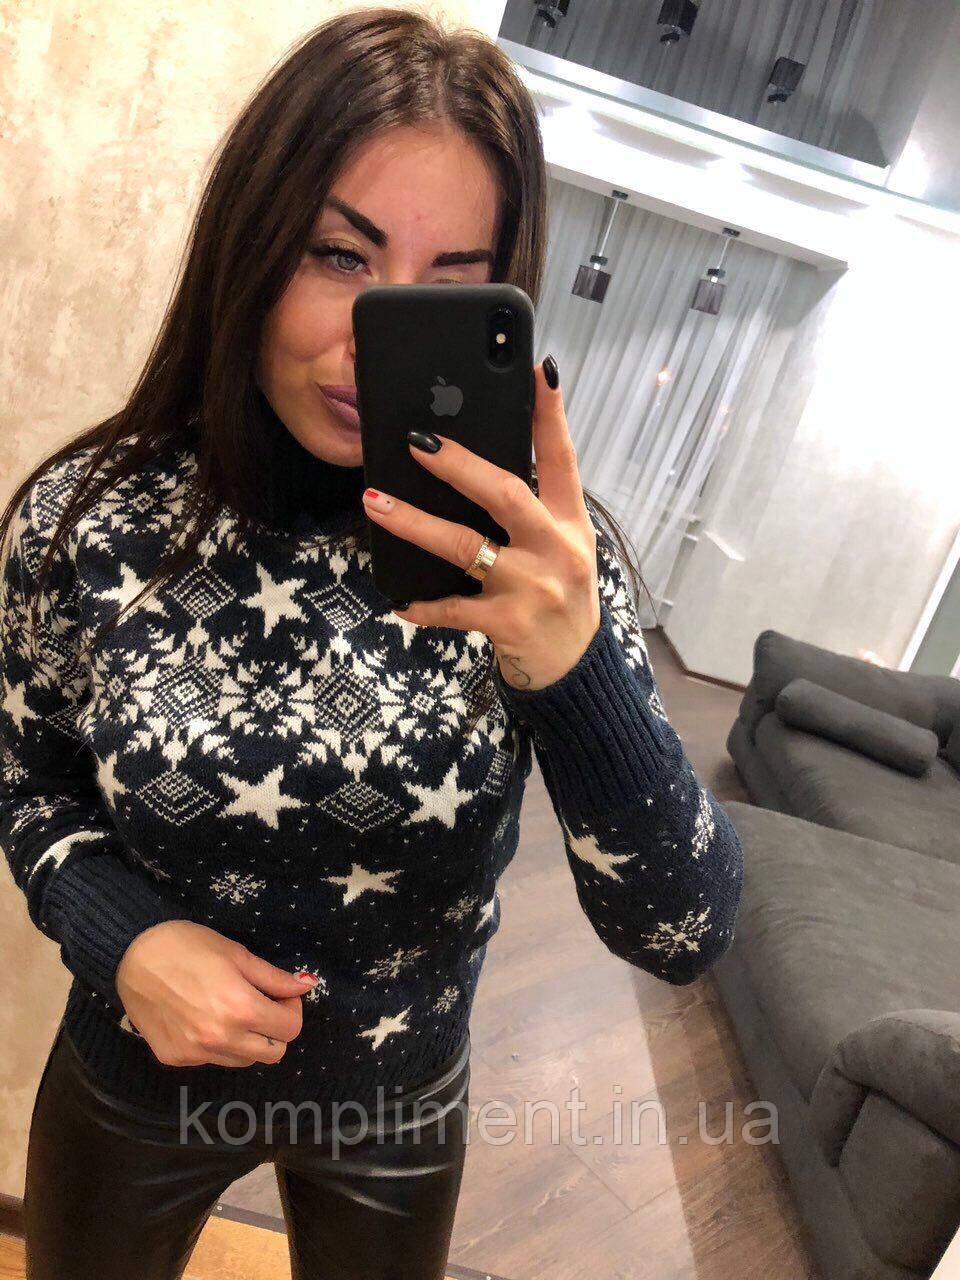 Вовняний жіночий в'язаний светр з малюнком зірочка,синій.Туреччина